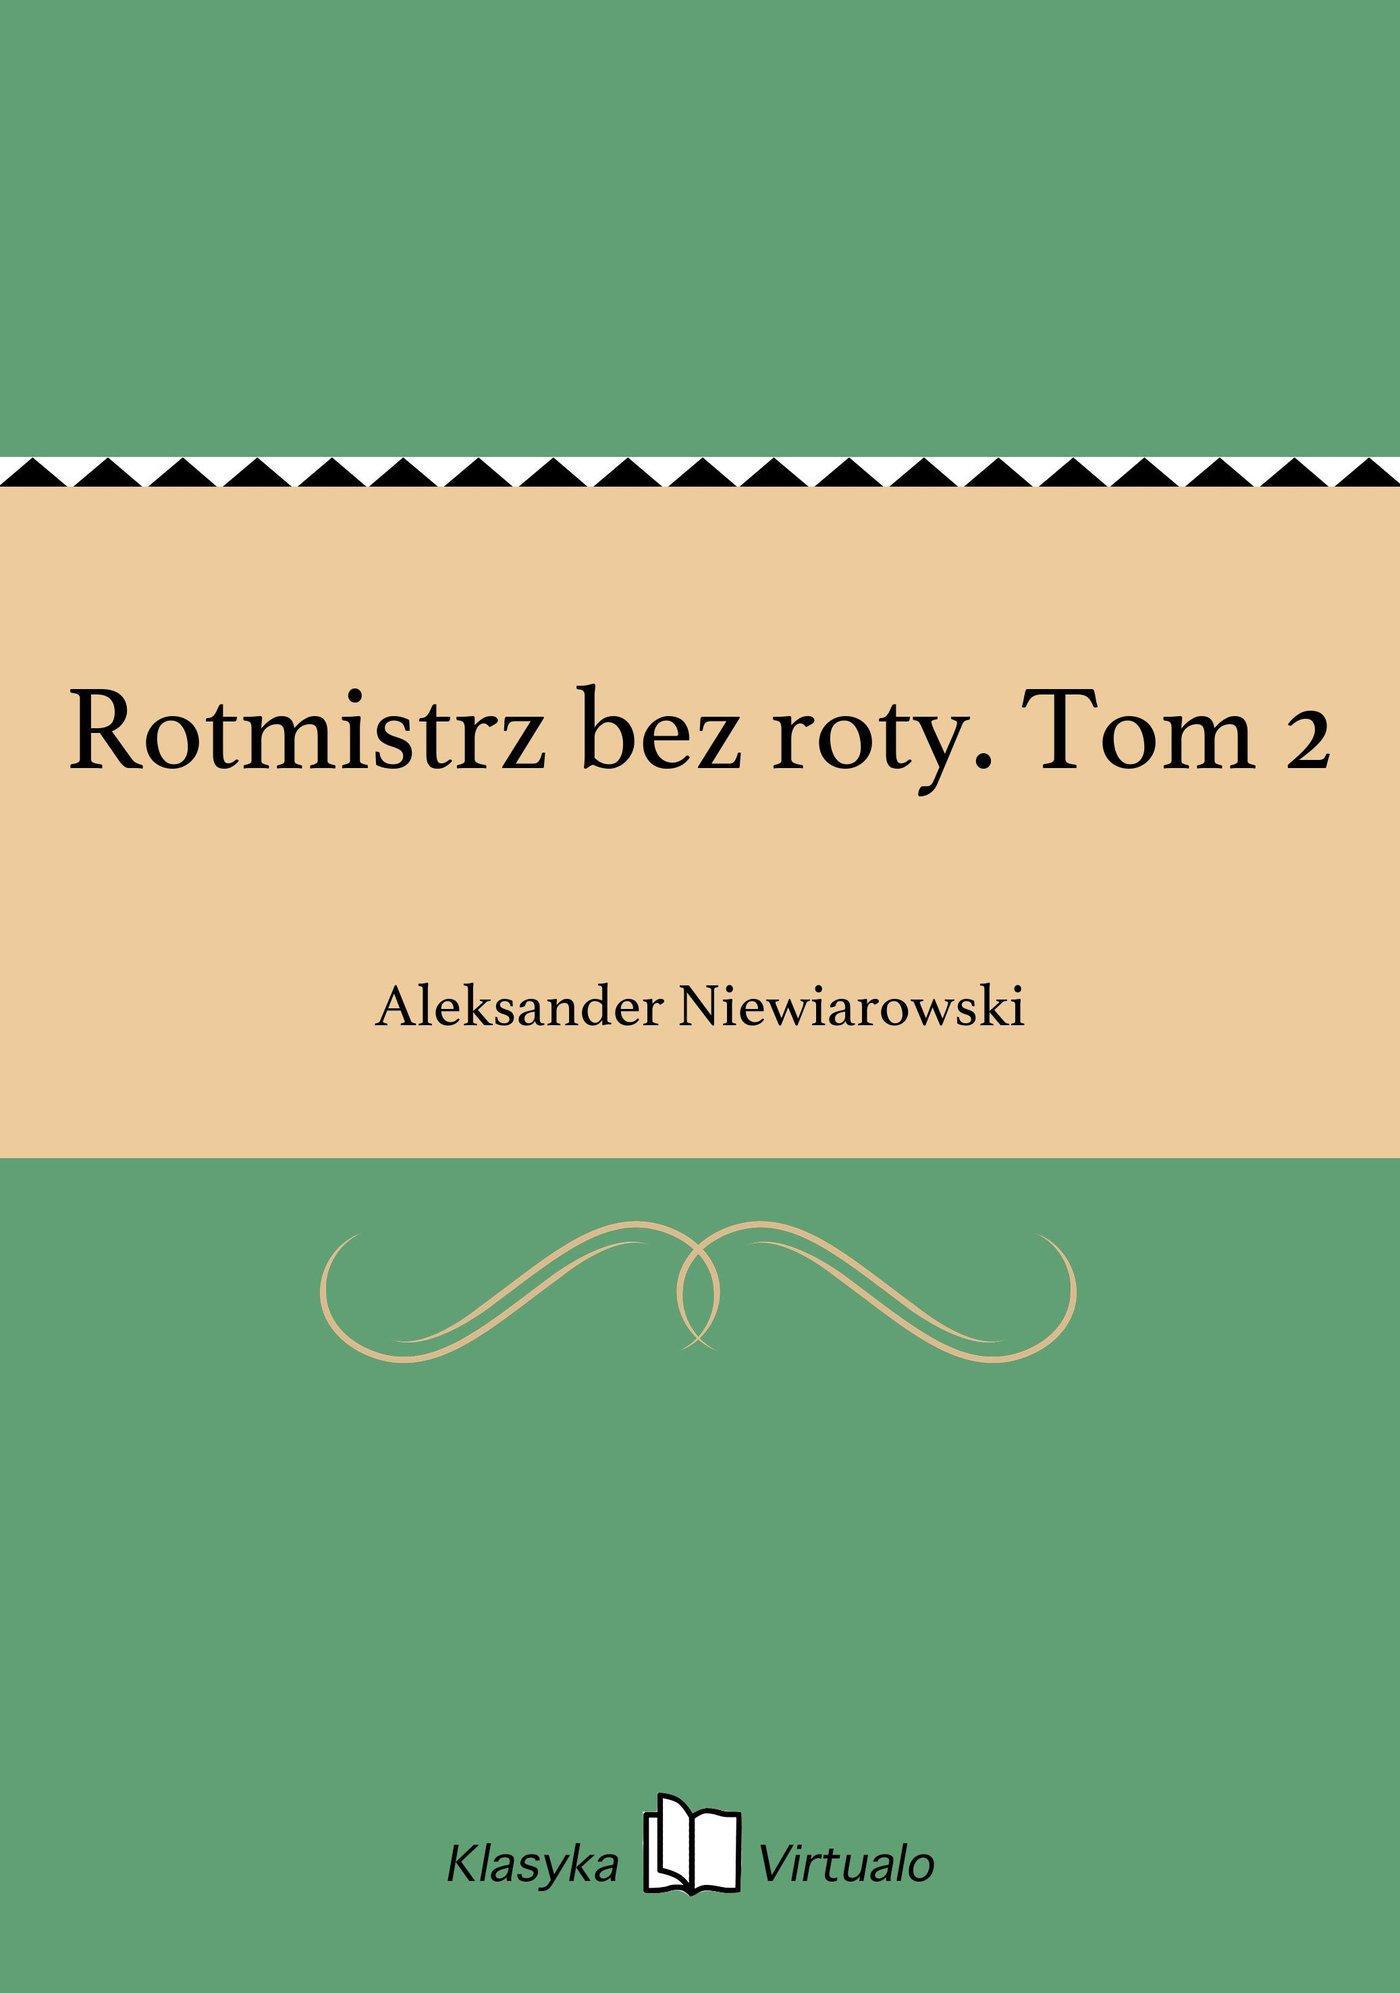 Rotmistrz bez roty. Tom 2 - Ebook (Książka EPUB) do pobrania w formacie EPUB